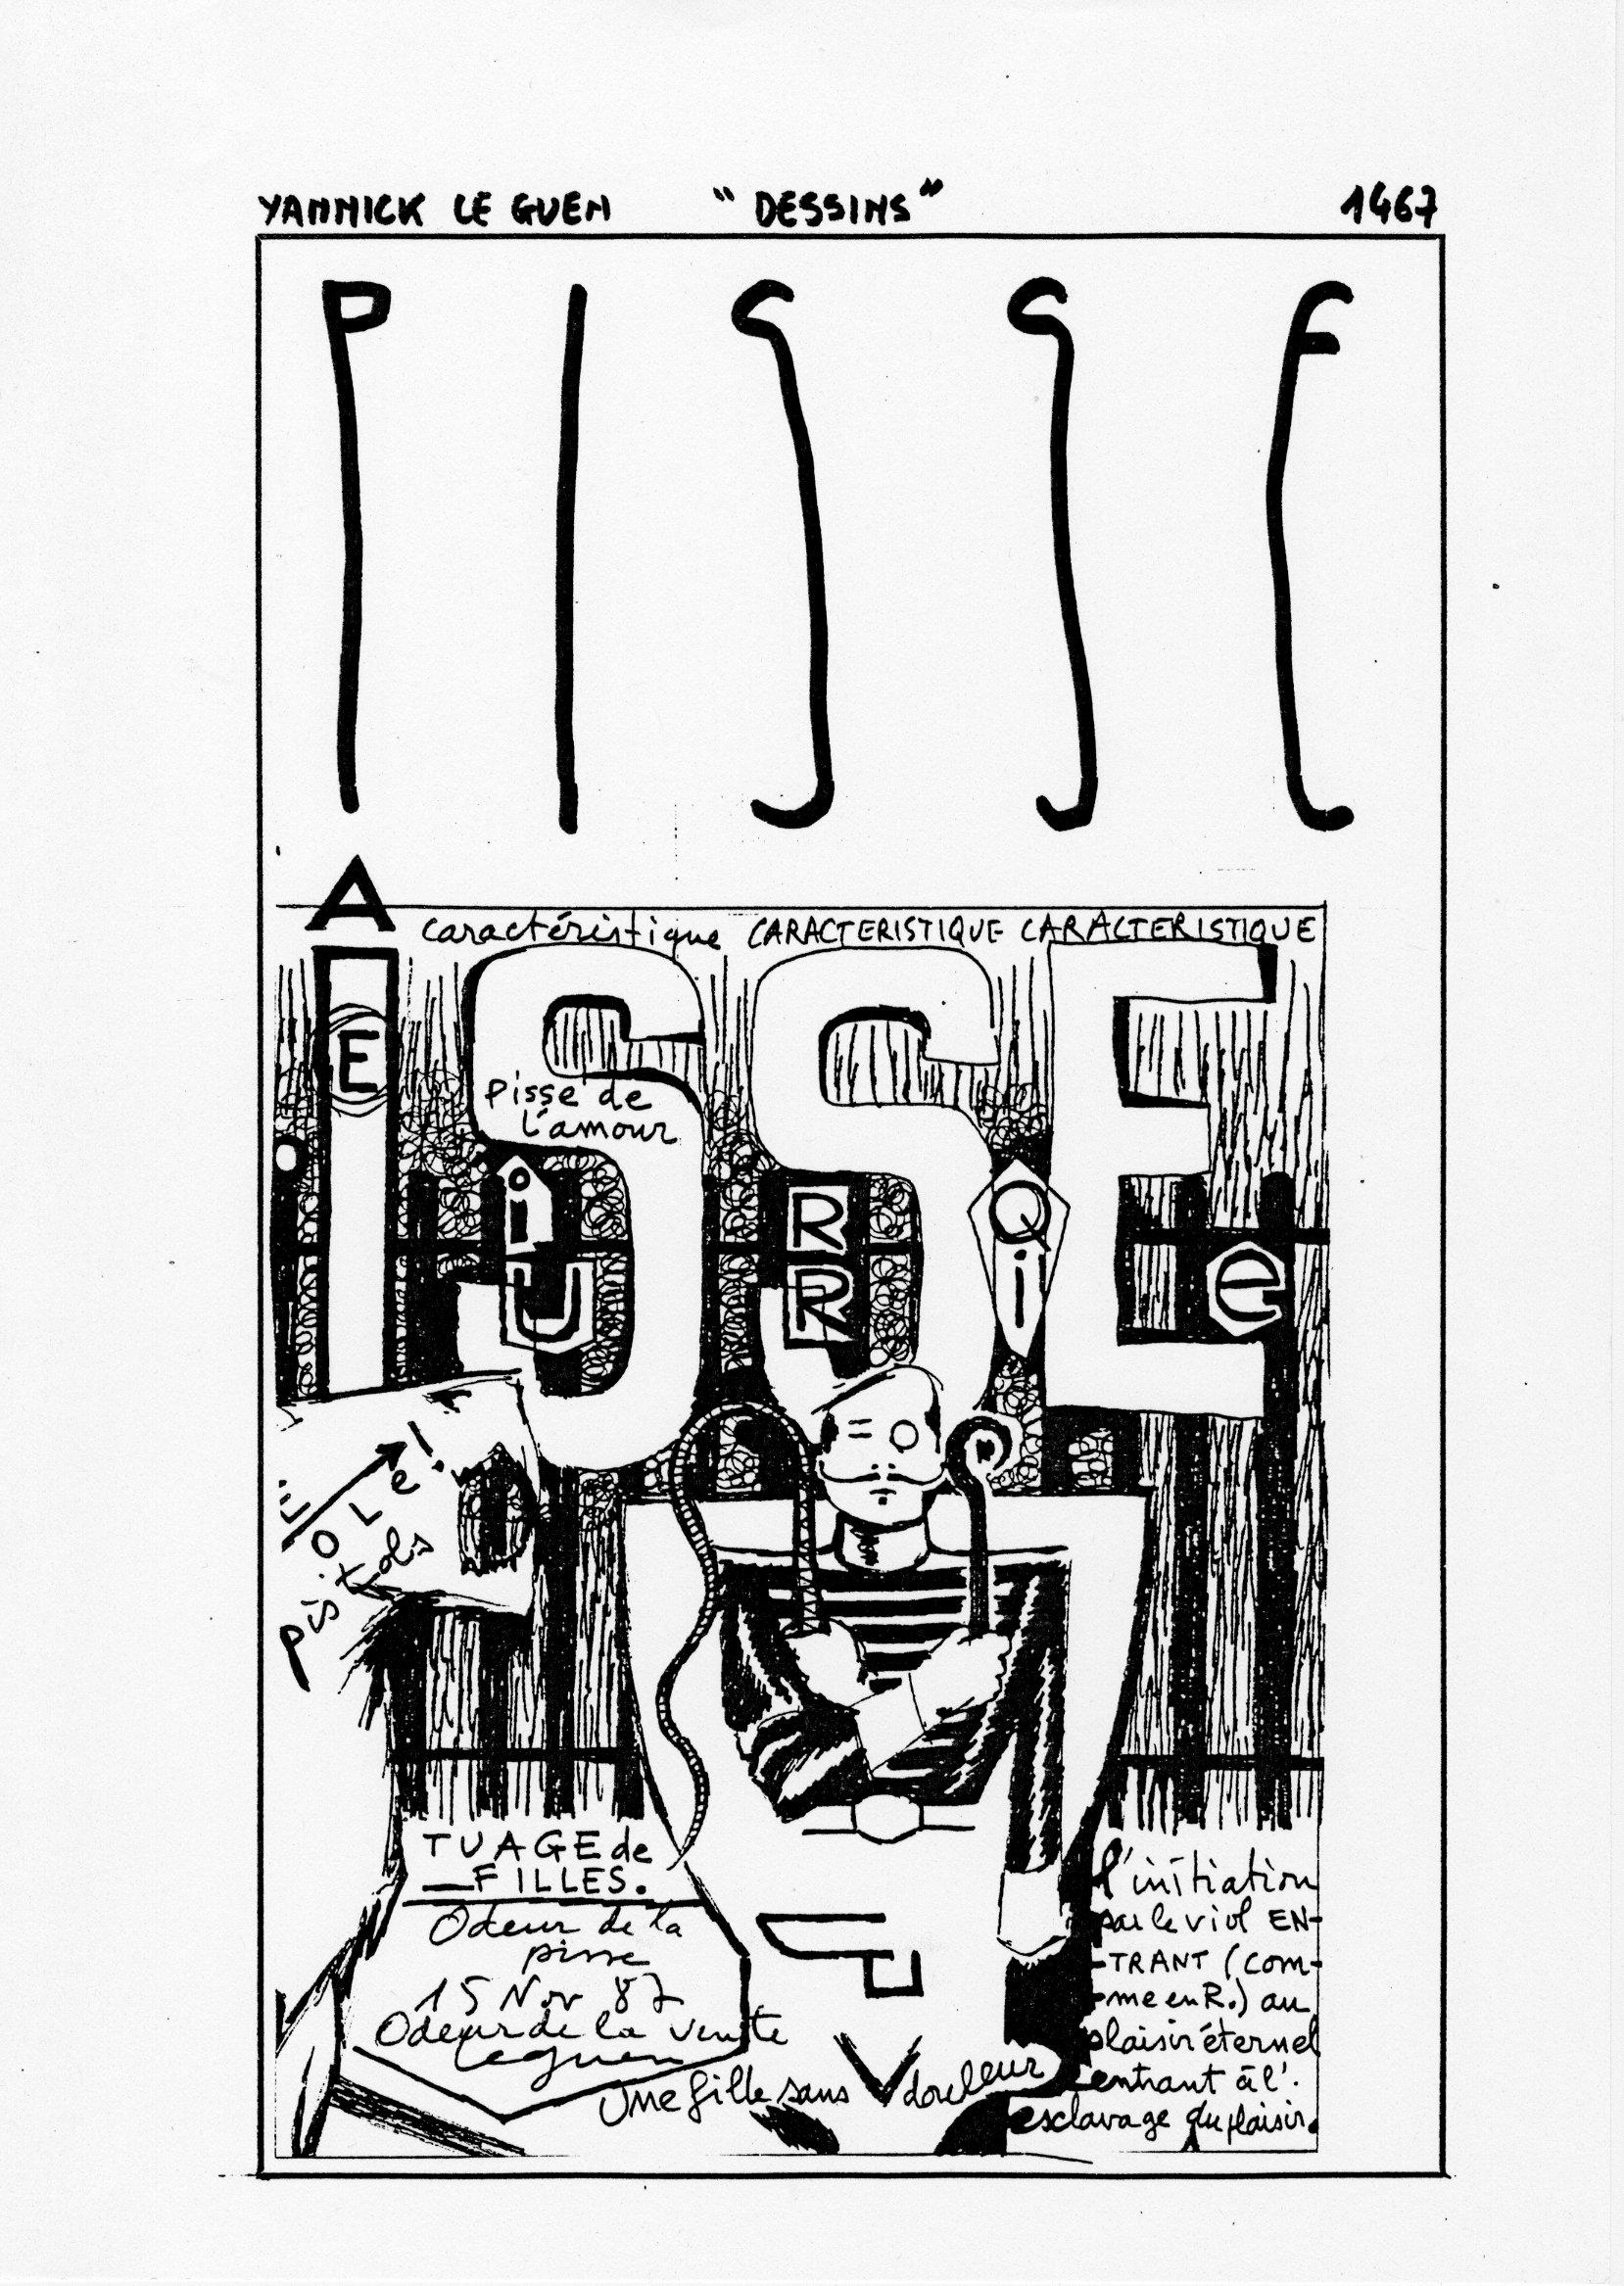 page 1467 Y. Leguen DESSINS